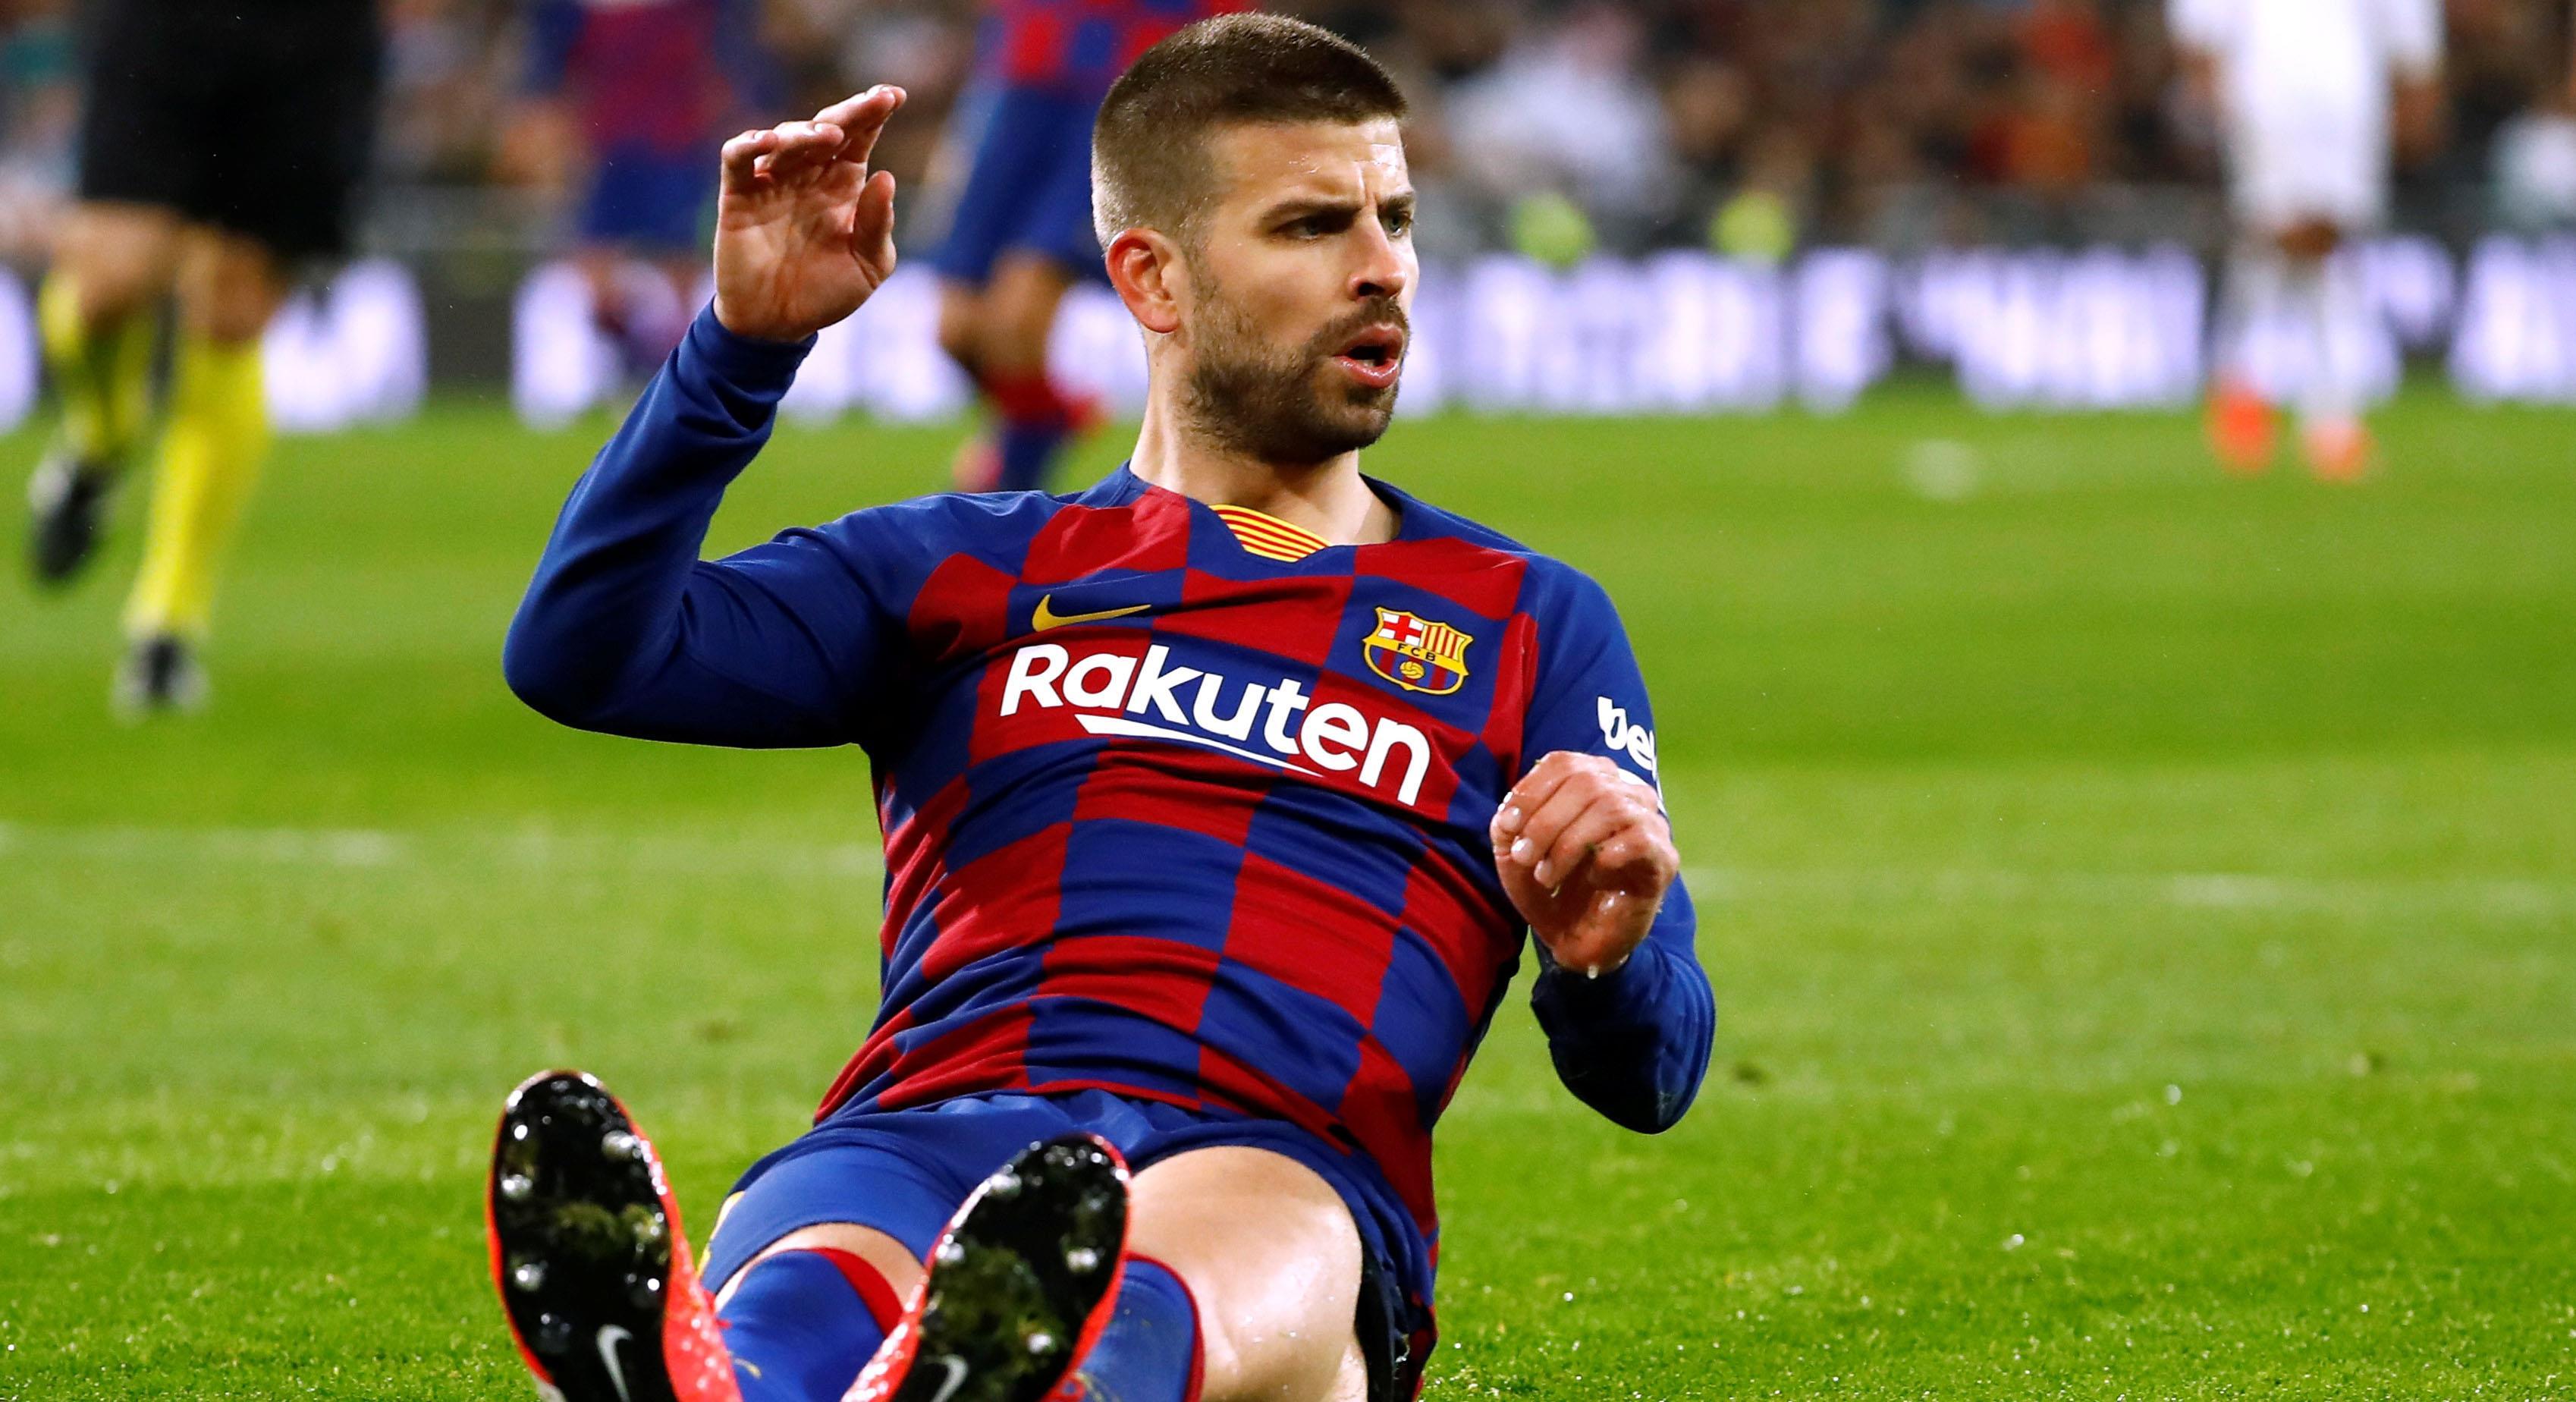 """Trots förlusten - Piqué sågar Real Madrid: """"Det sämsta jag mött på Bernabeu"""""""